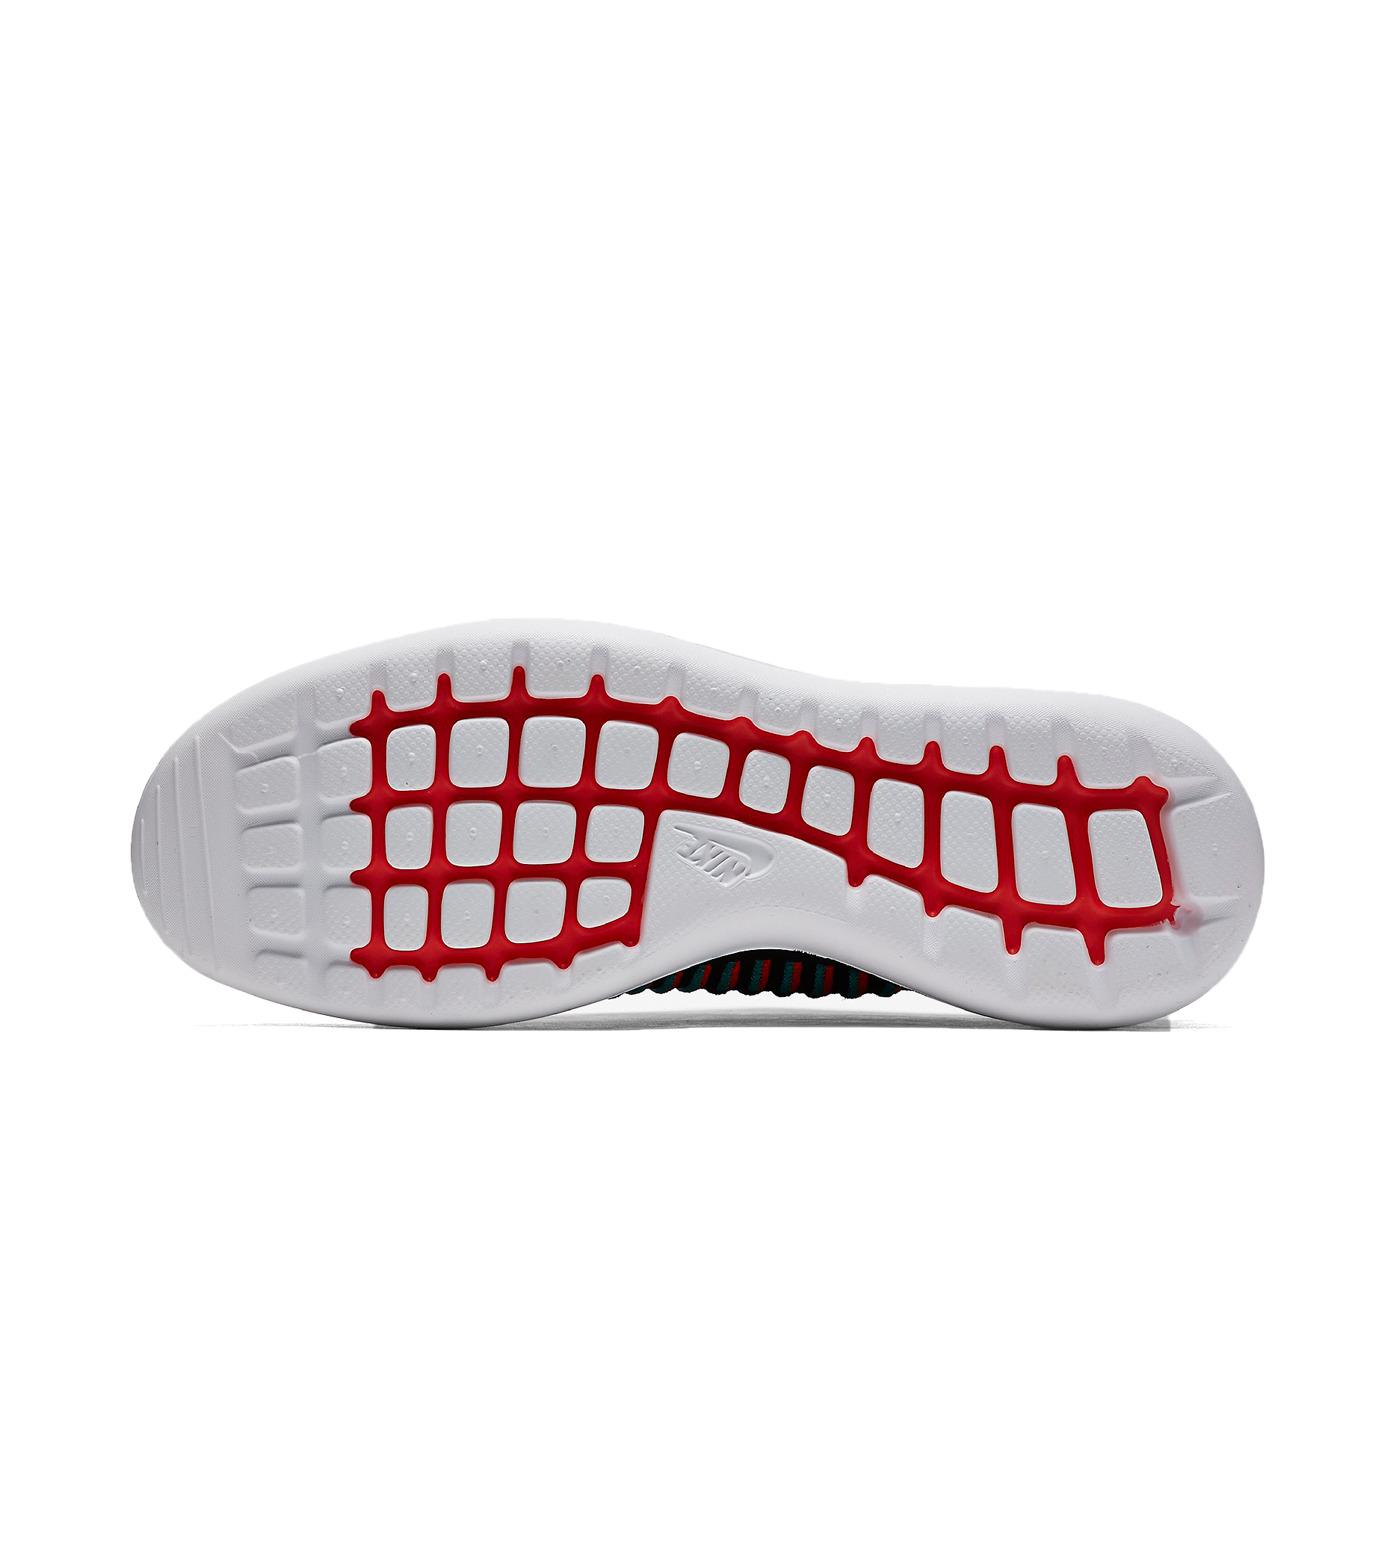 NIKE(ナイキ)のROSHE 2 FLYKNIT-GRAY(シューズ/shoes)-844833-003-11 拡大詳細画像2